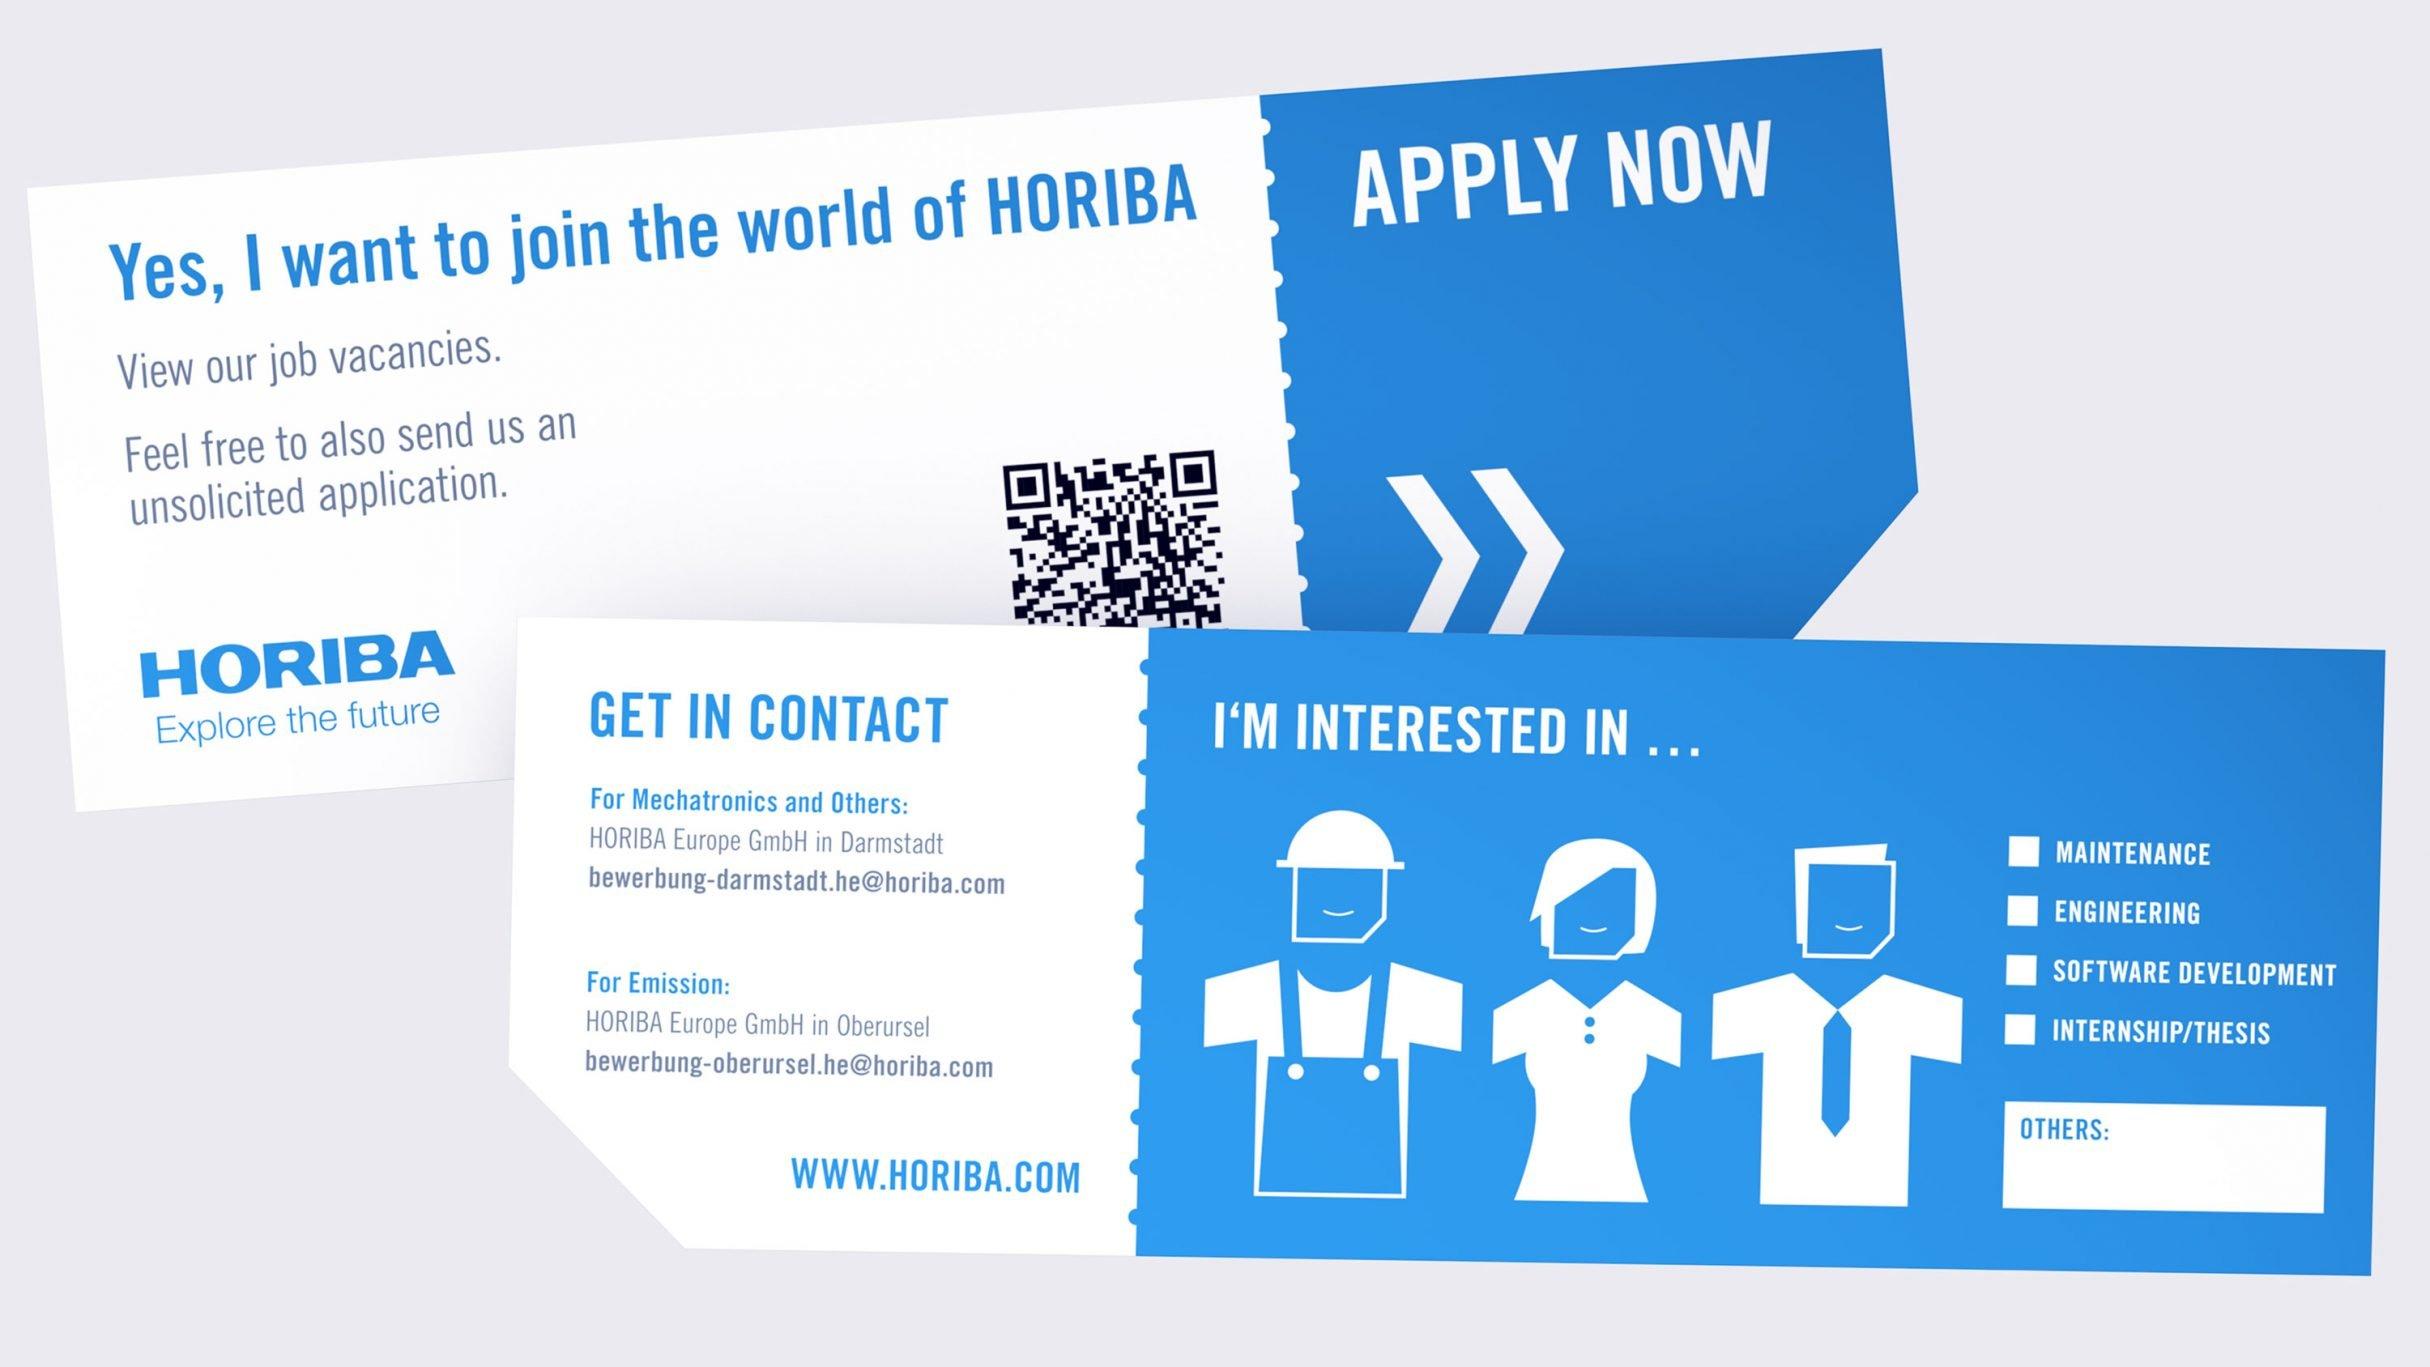 Human Research Recruiting Ticket Design für HORIBA: DIE NEUDENKER® Agentur, Darmstadt